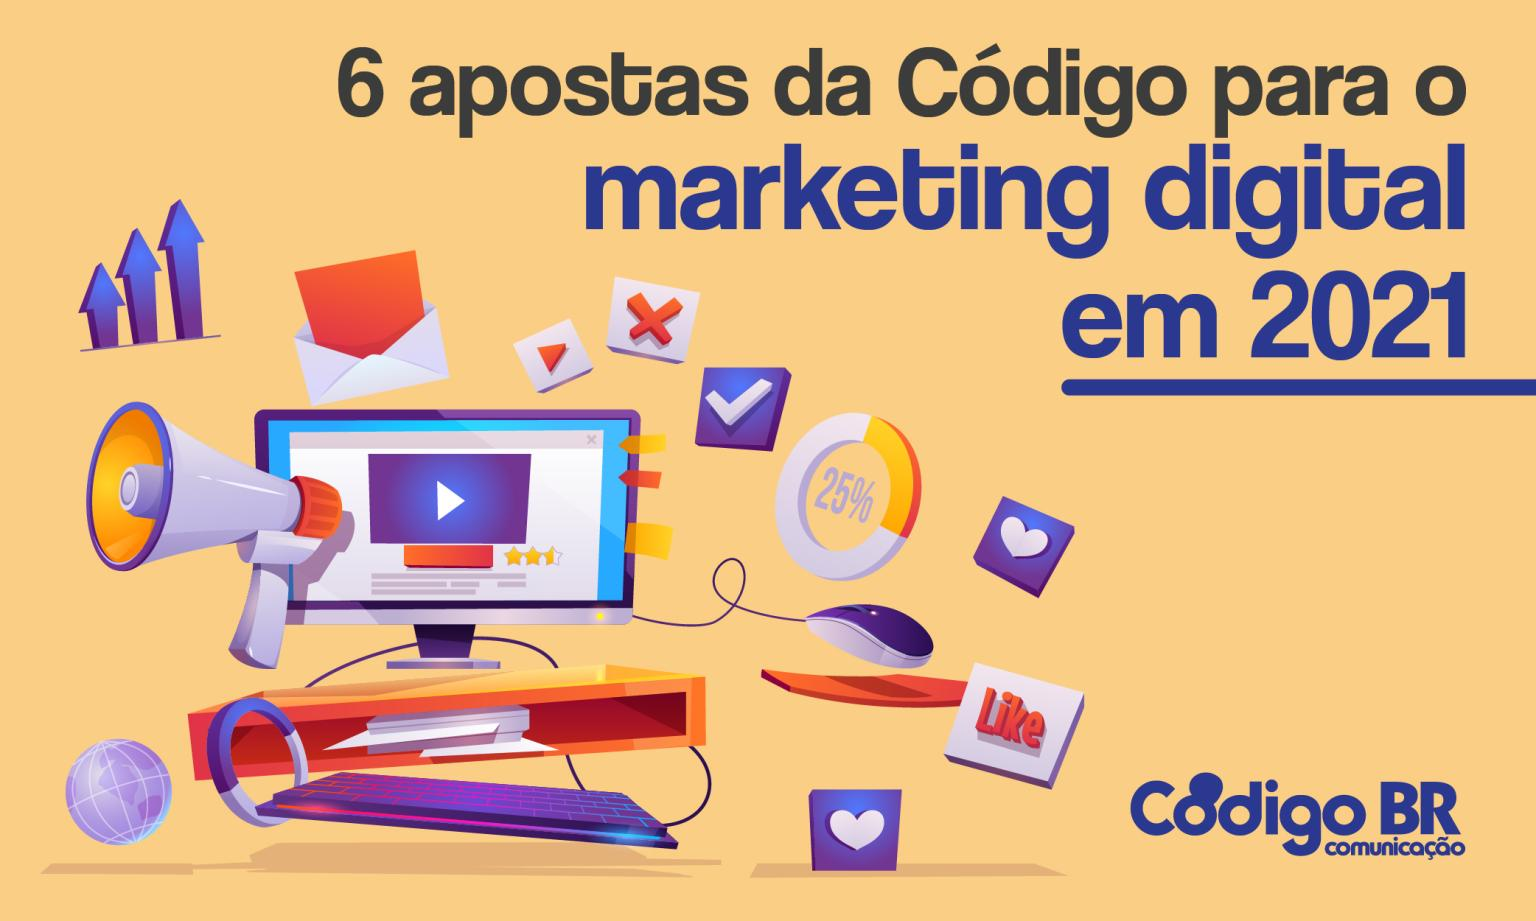 Apostas da Codigo para marketing digital para 2021